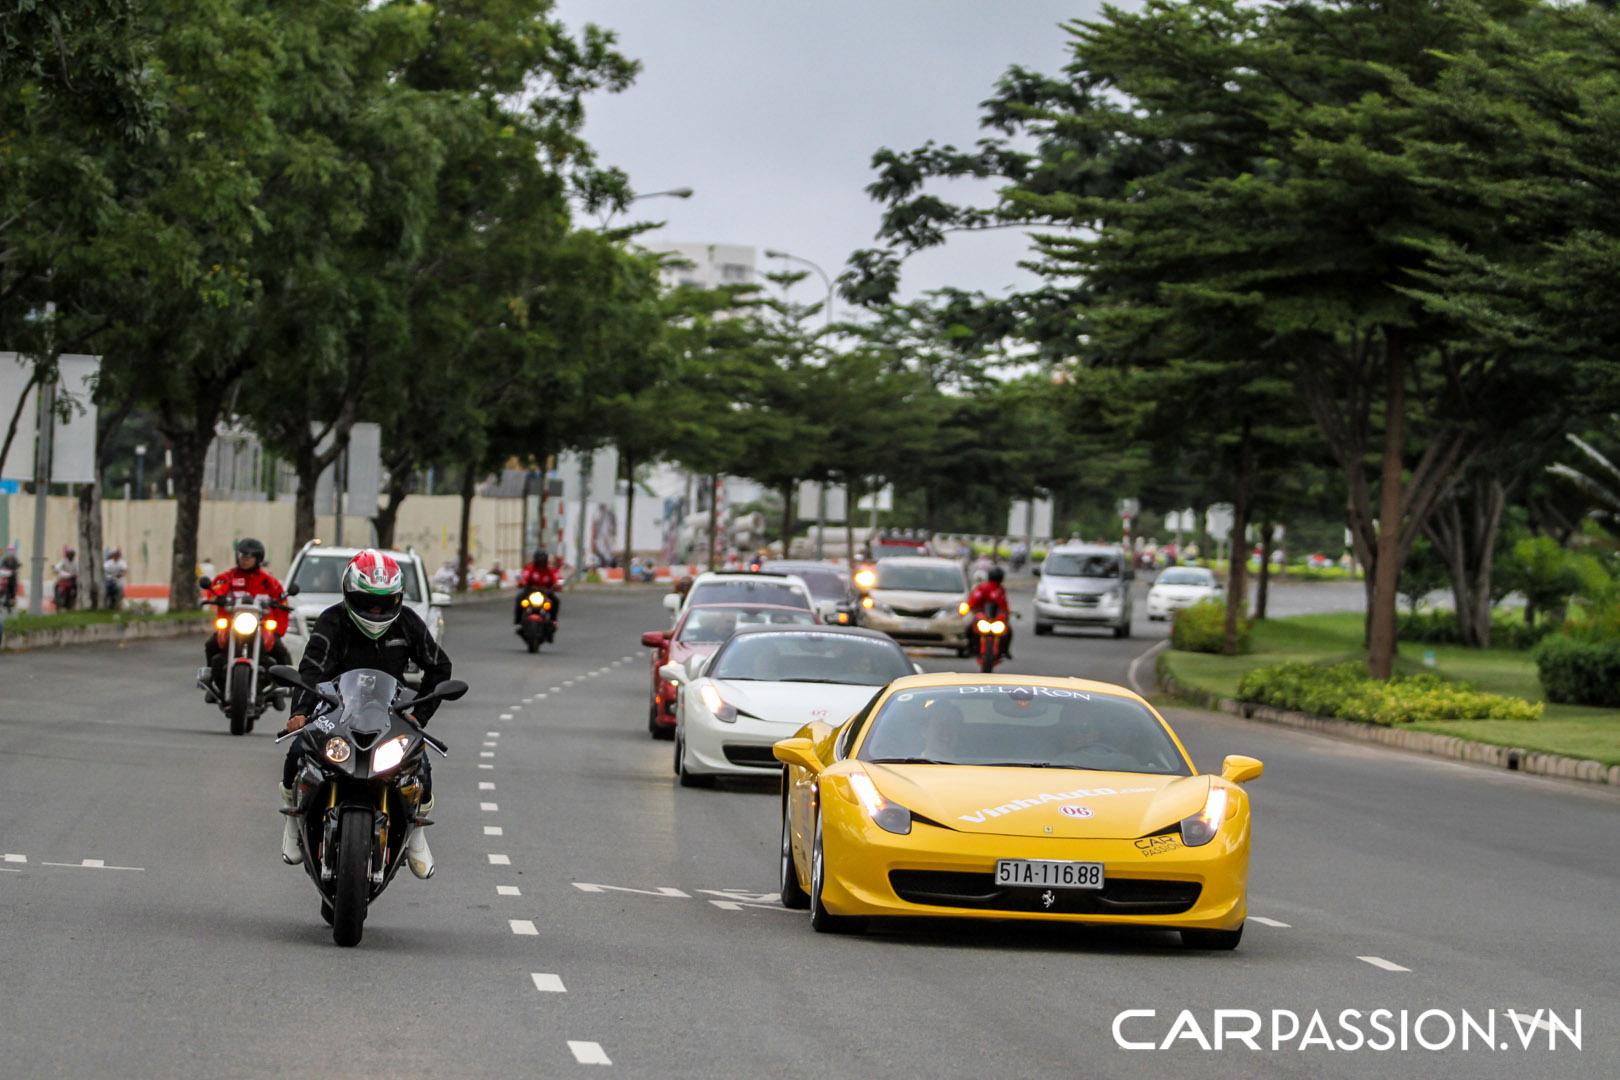 CP-Hành trình siêu xe CarPassion 2011 (15).jpg